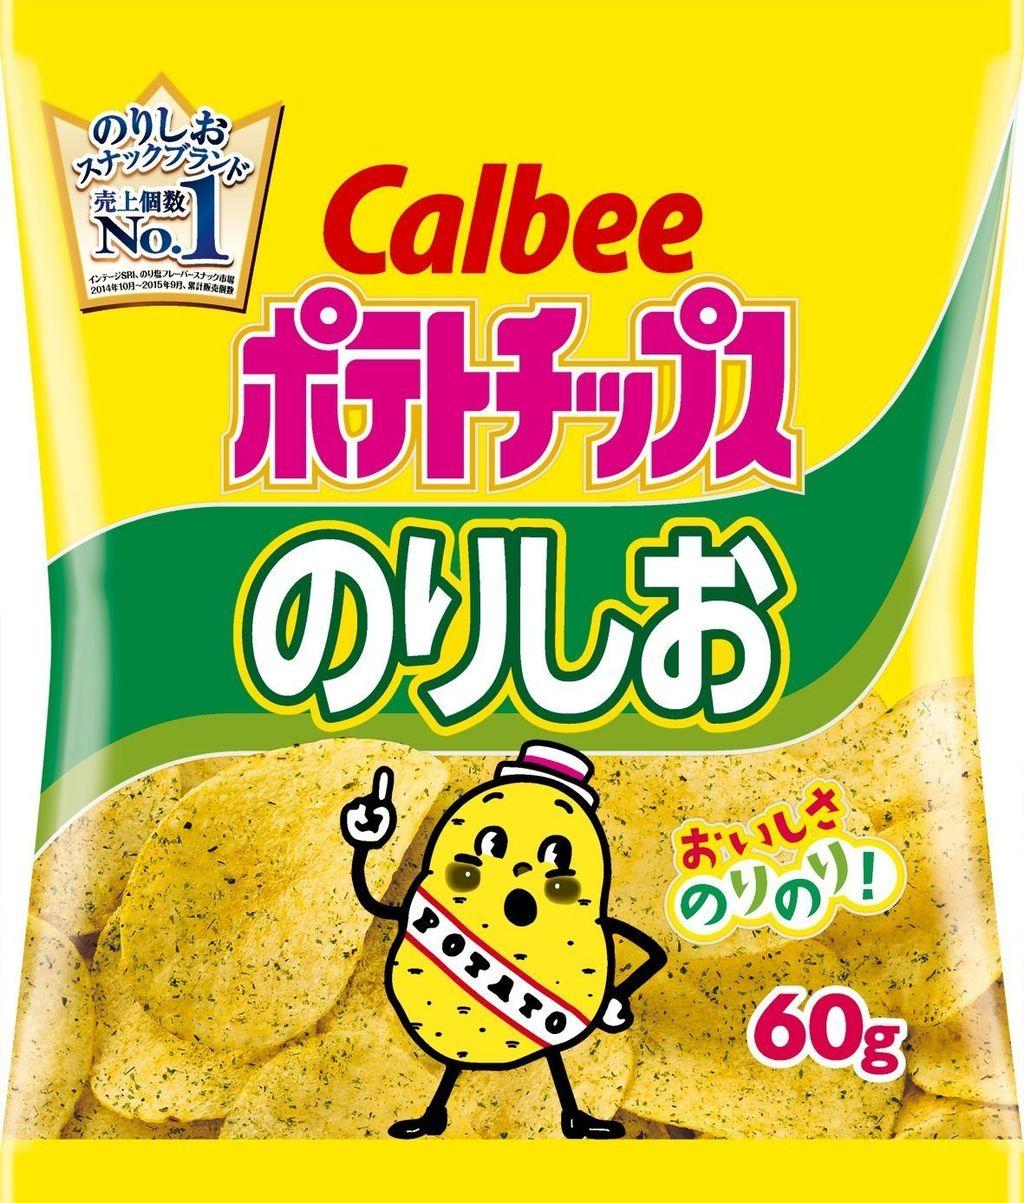 カルビー「ポテトチップス のりしお」画像